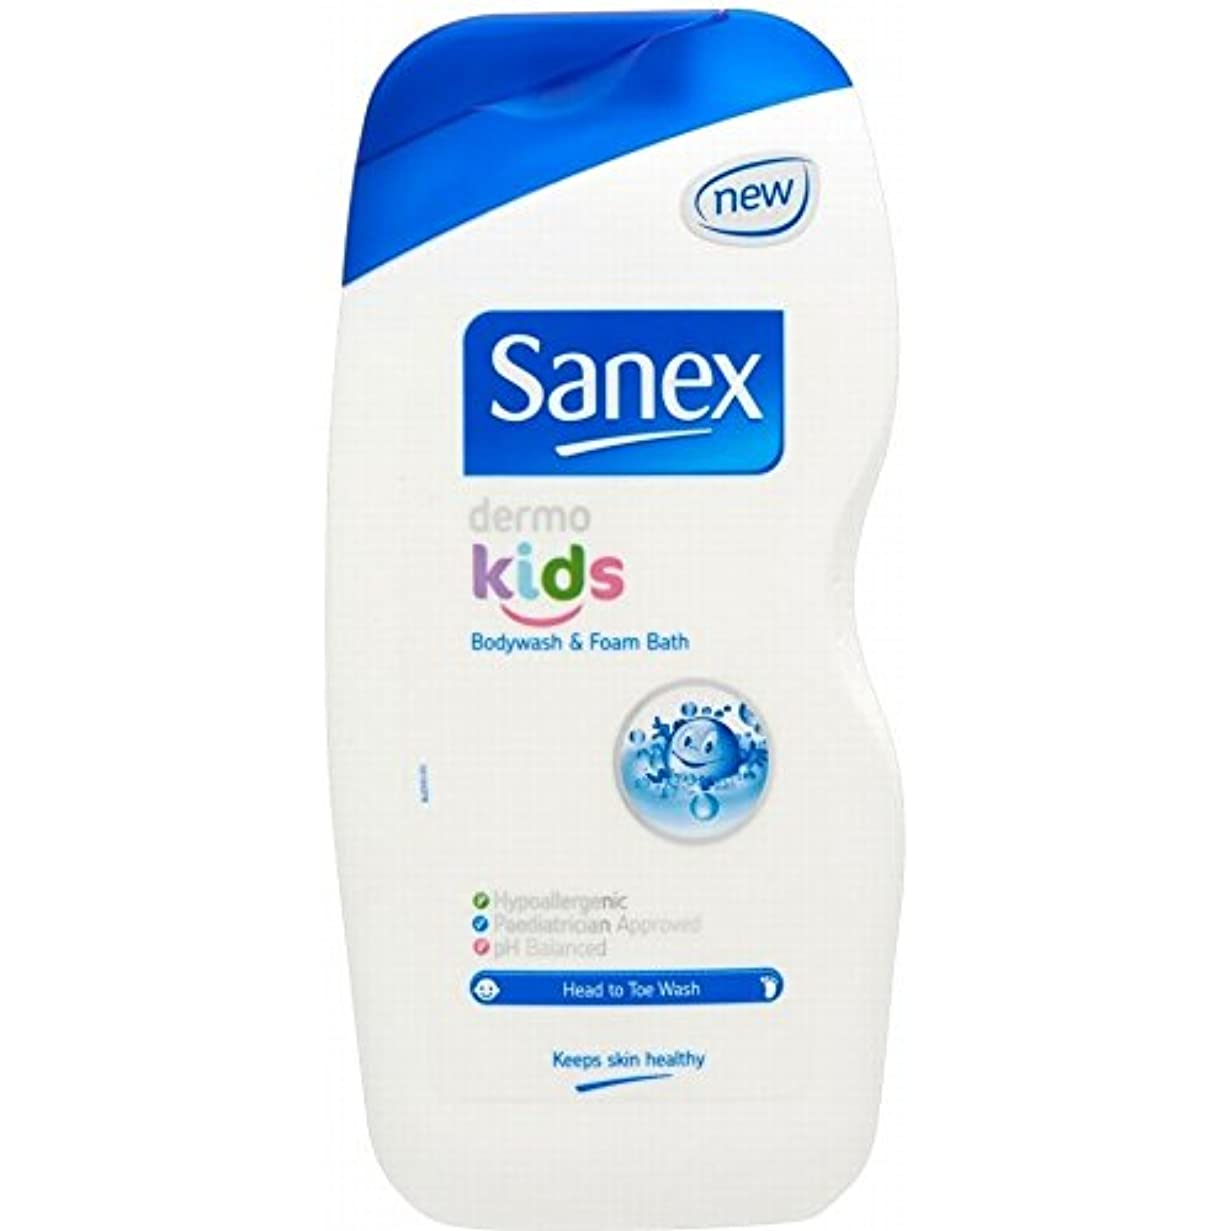 苦ディレクターダーベビルのテスSanex Dermo Kids Body Wash & Foam Bath (500ml) Sanex真皮キッズボディウォッシュと泡風呂( 500ミリリットル) [並行輸入品]